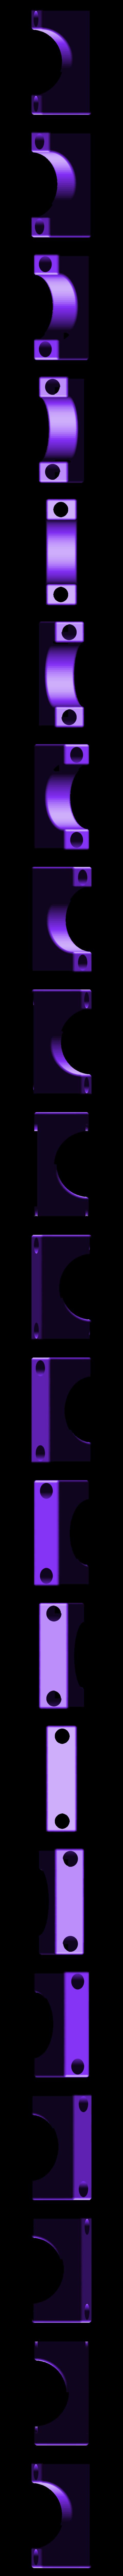 hotend_fan_houder3.stl Télécharger fichier STL gratuit Configuration Hotend pour routeur personnalisé • Modèle pour impression 3D, Job